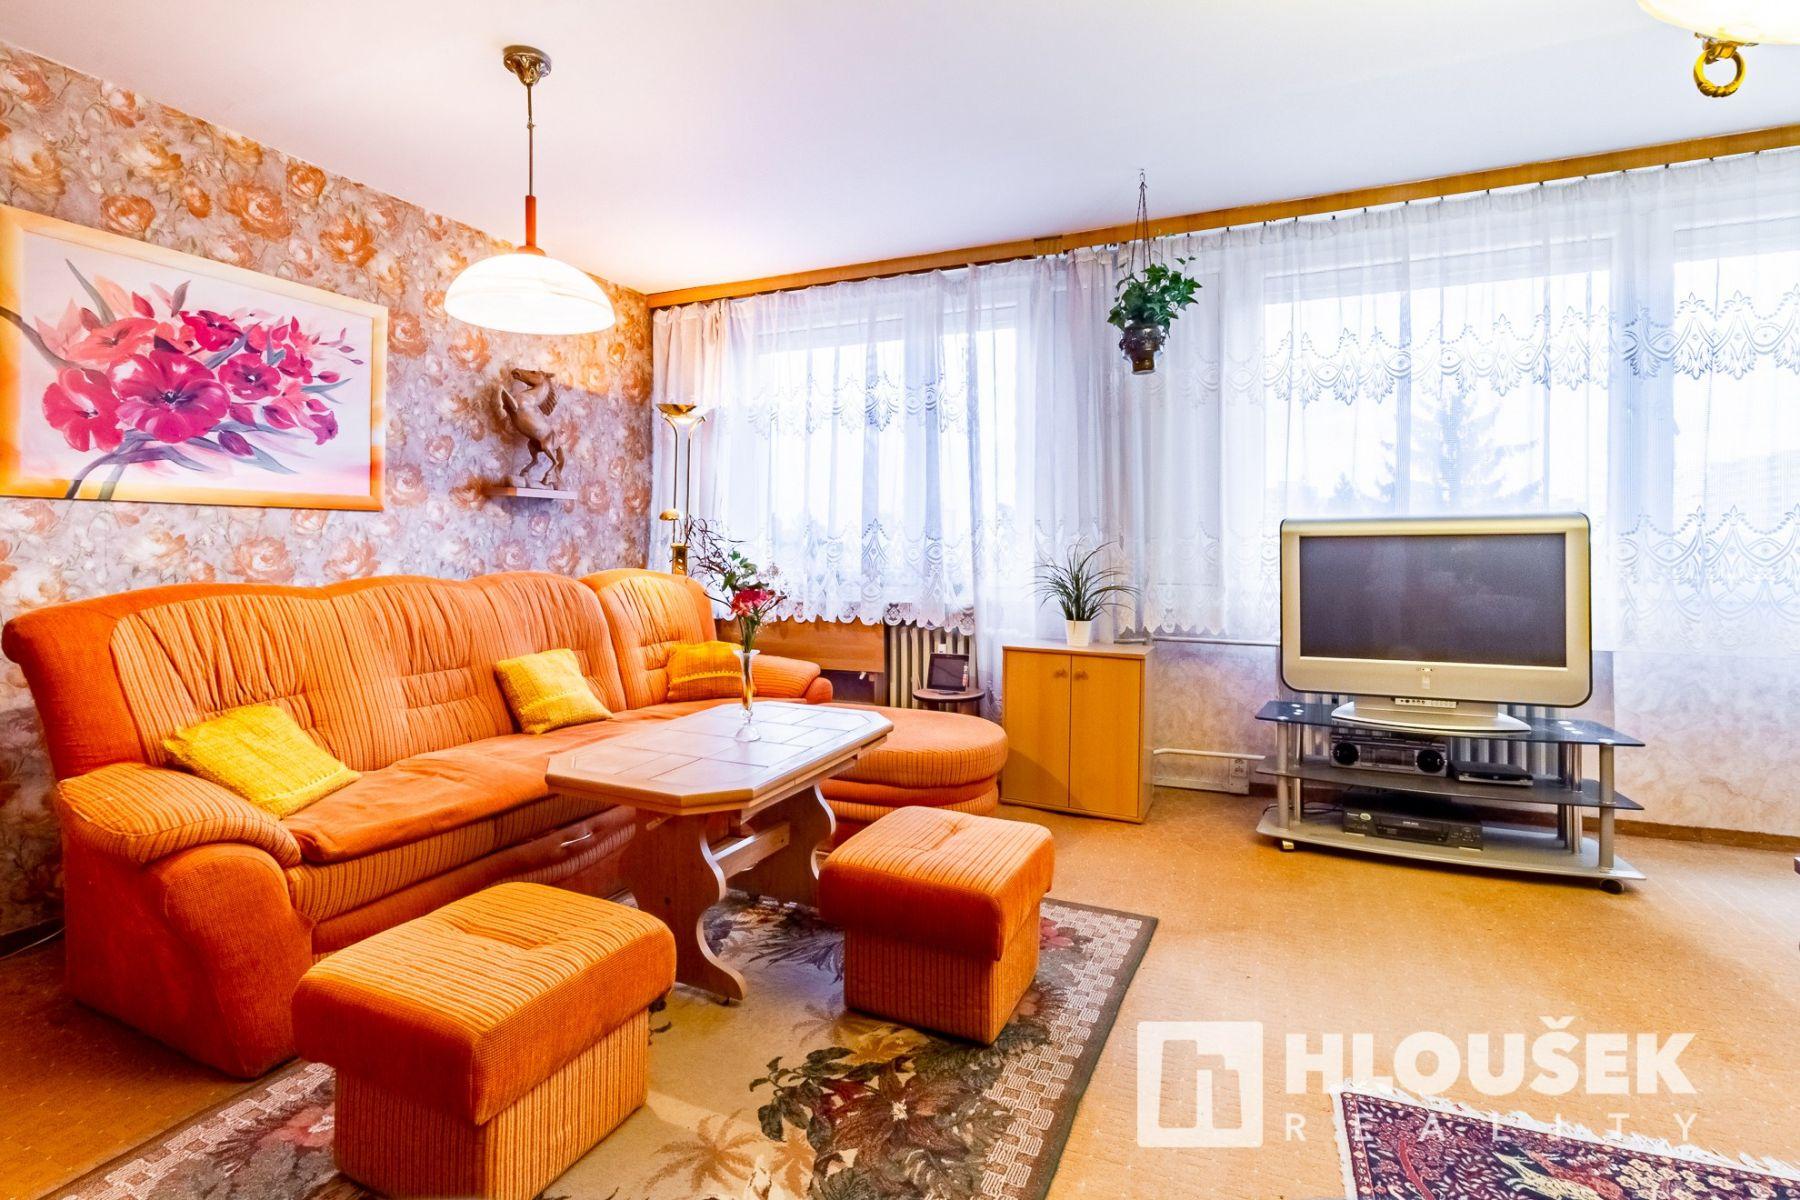 PRODÁNO Prodej bytu OV 3+kk/L, Praha 4 - Chodov, ul. Křejpského